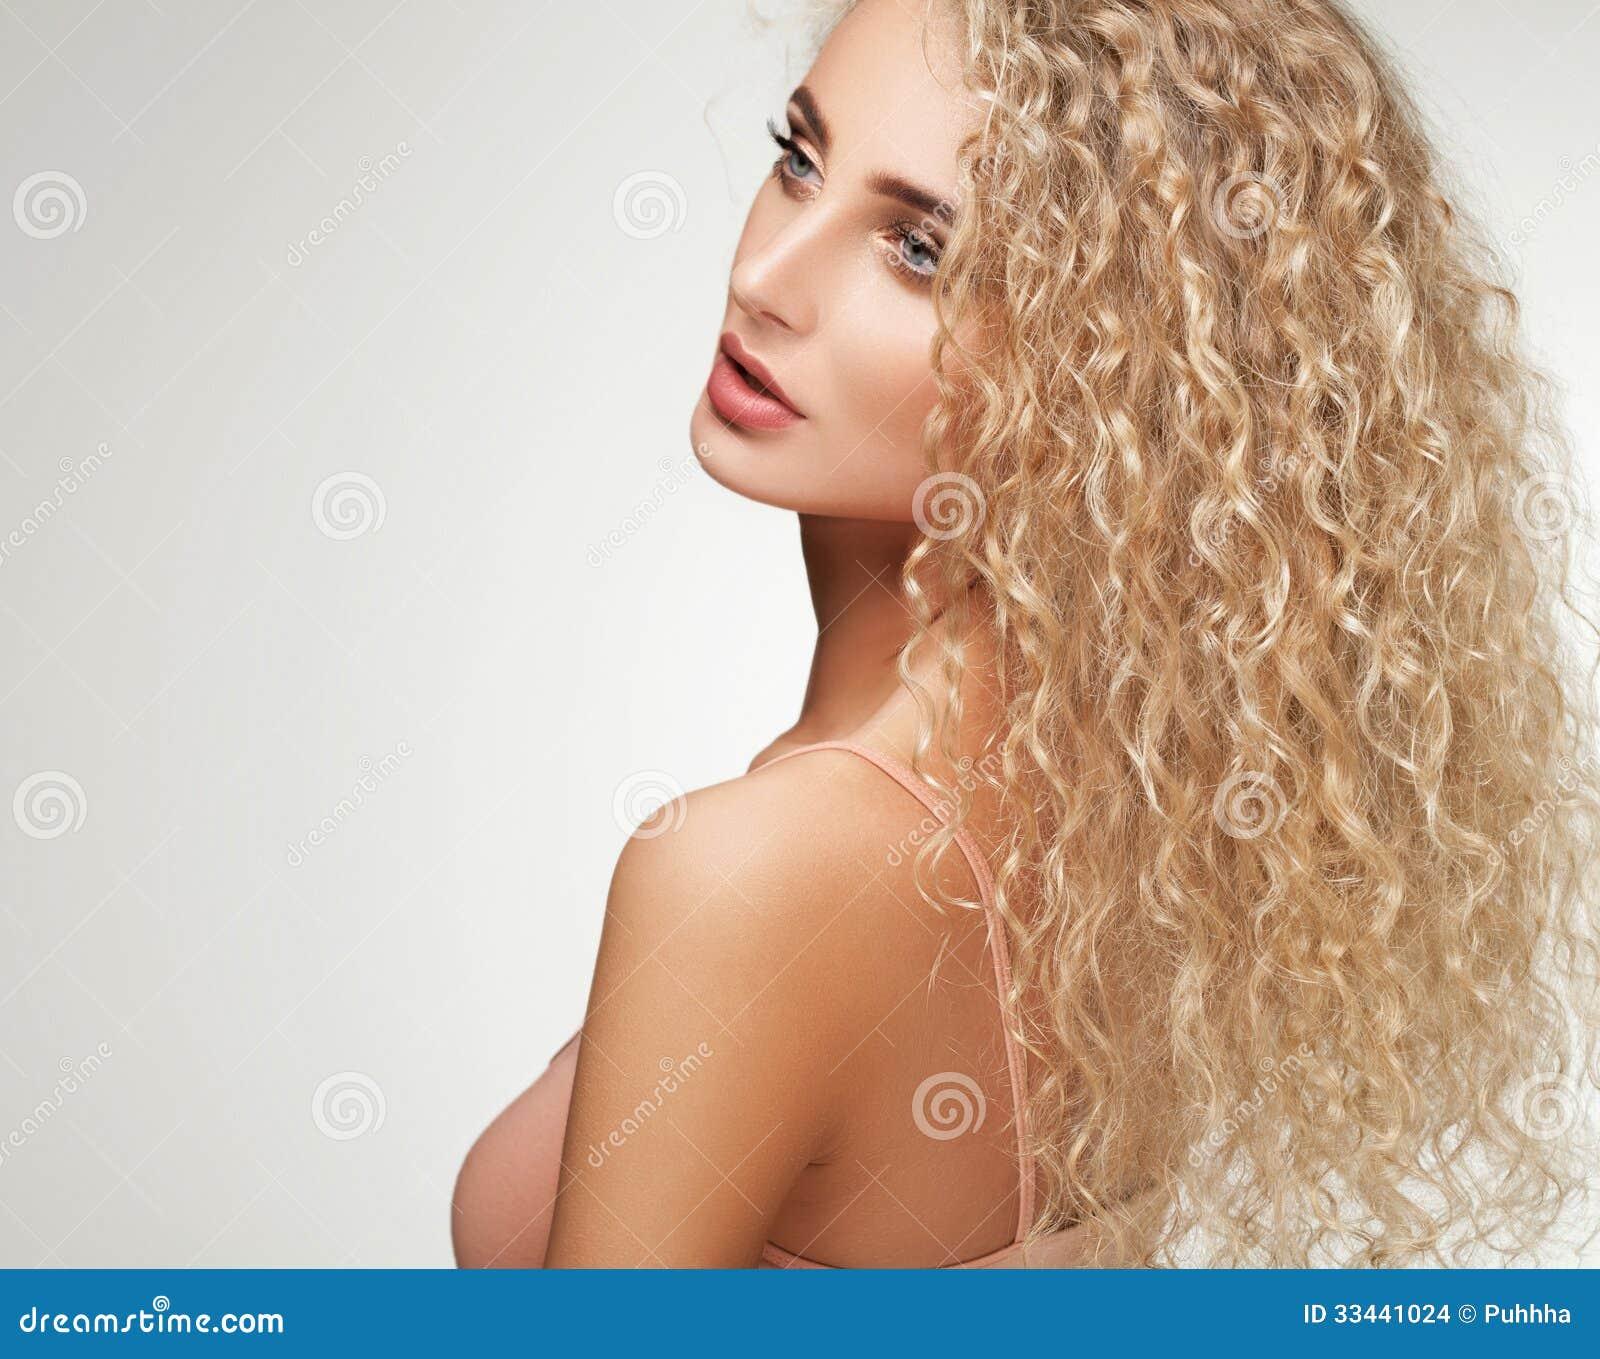 Capelli Biondi. Bella Donna Con Capelli Lunghi Ricci. Fotografia ... 79abf7bb0aa